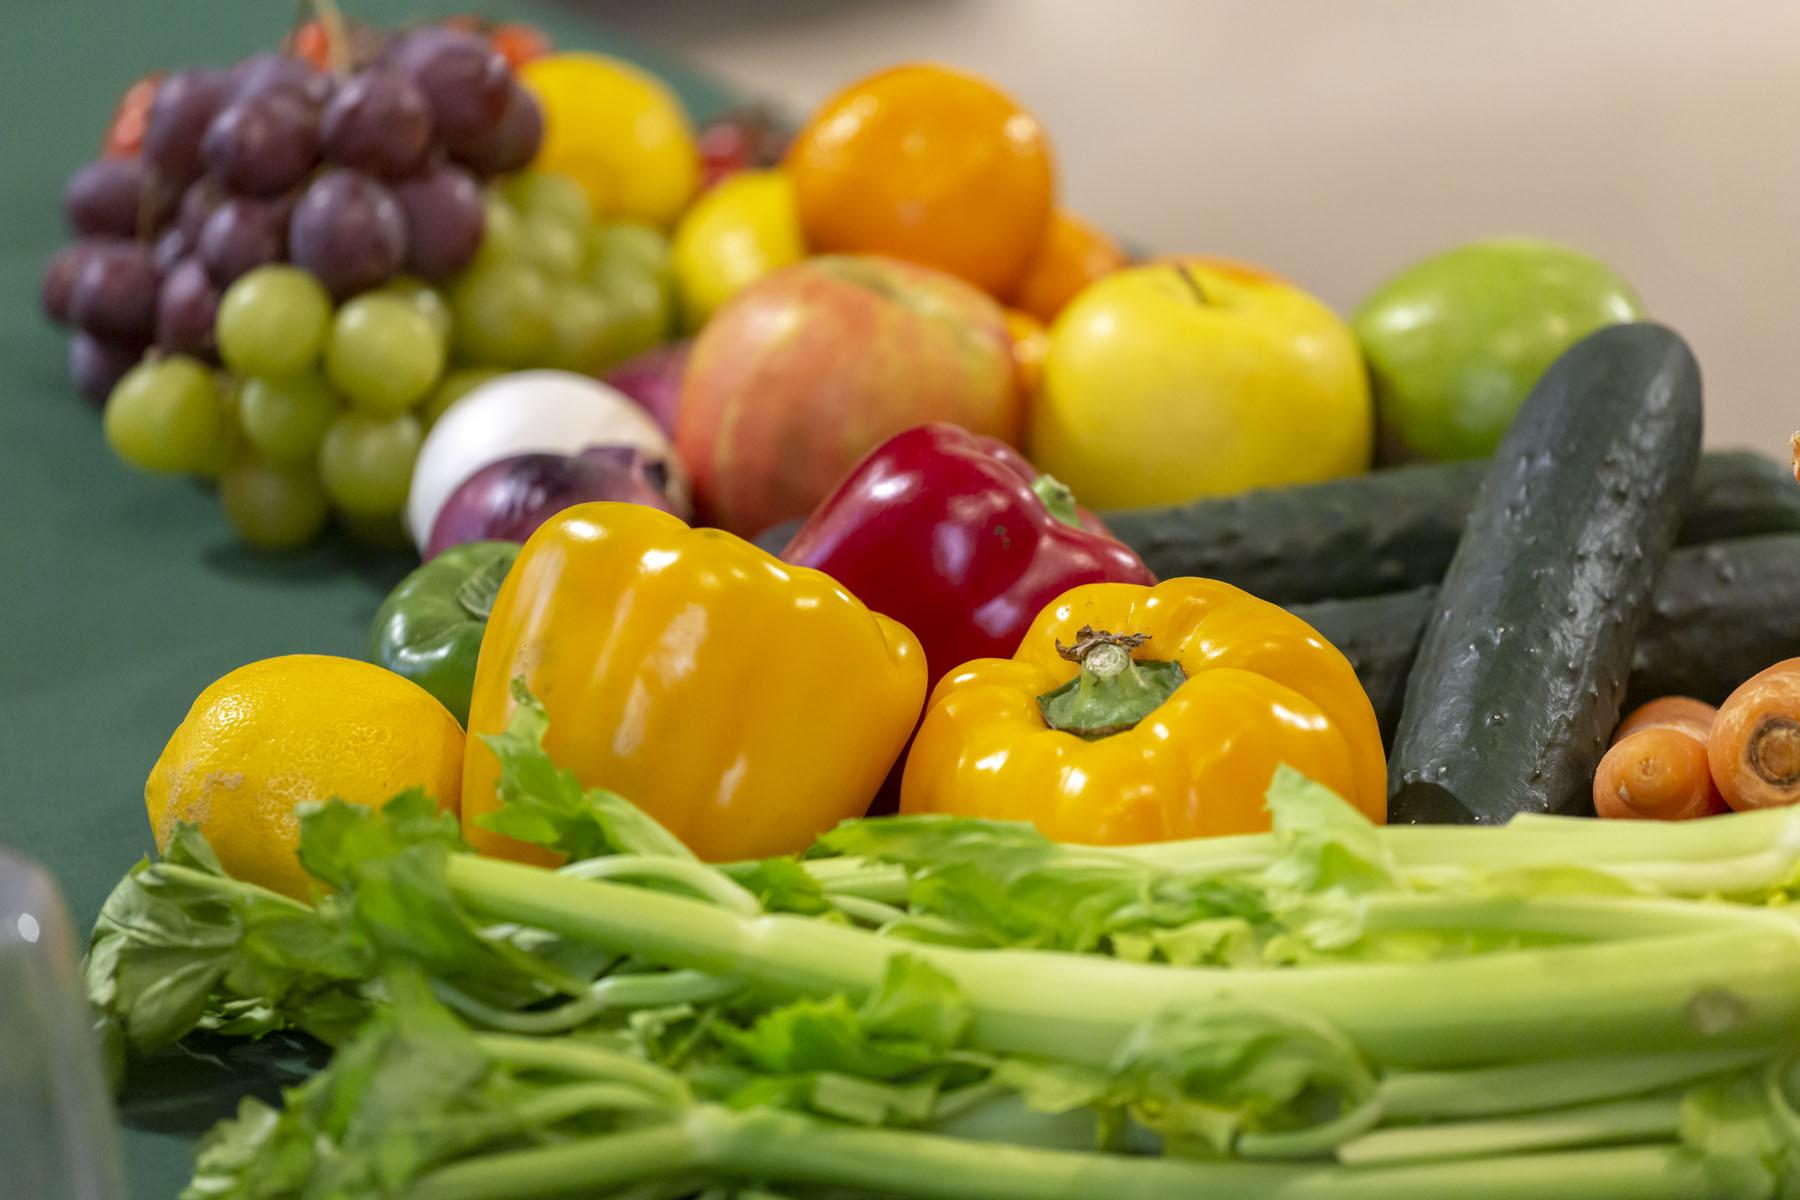 comida_vegana_menorca_quesos_vegetales109